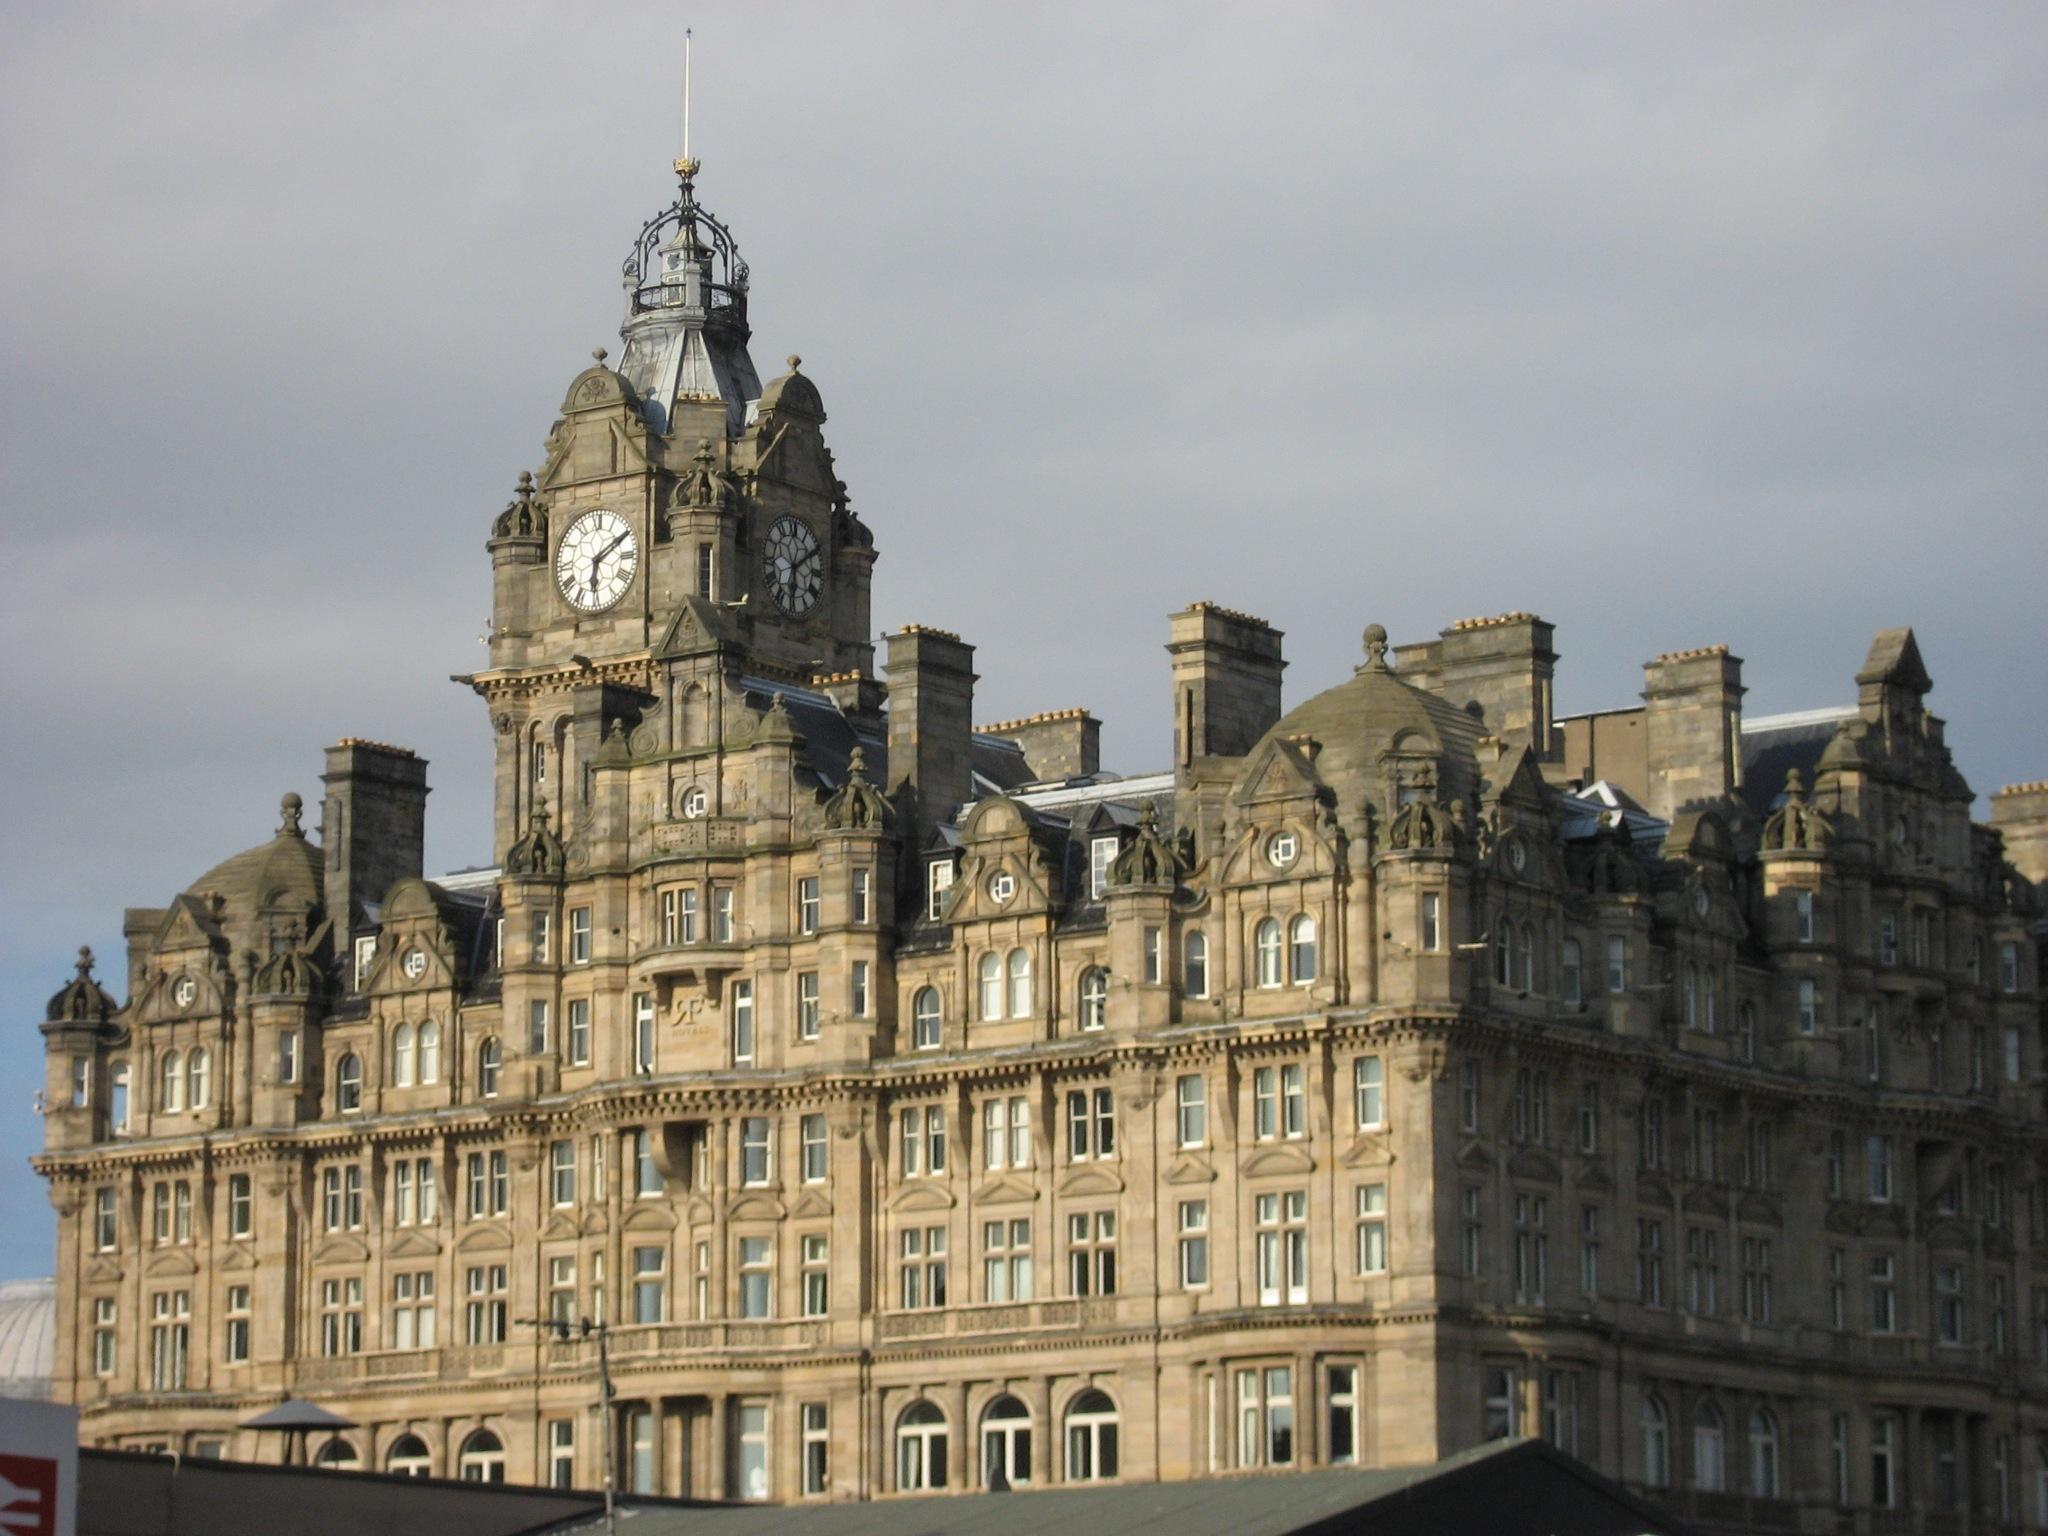 Balmoral hotel, kjer je JKR pisala Harry Potter knjige